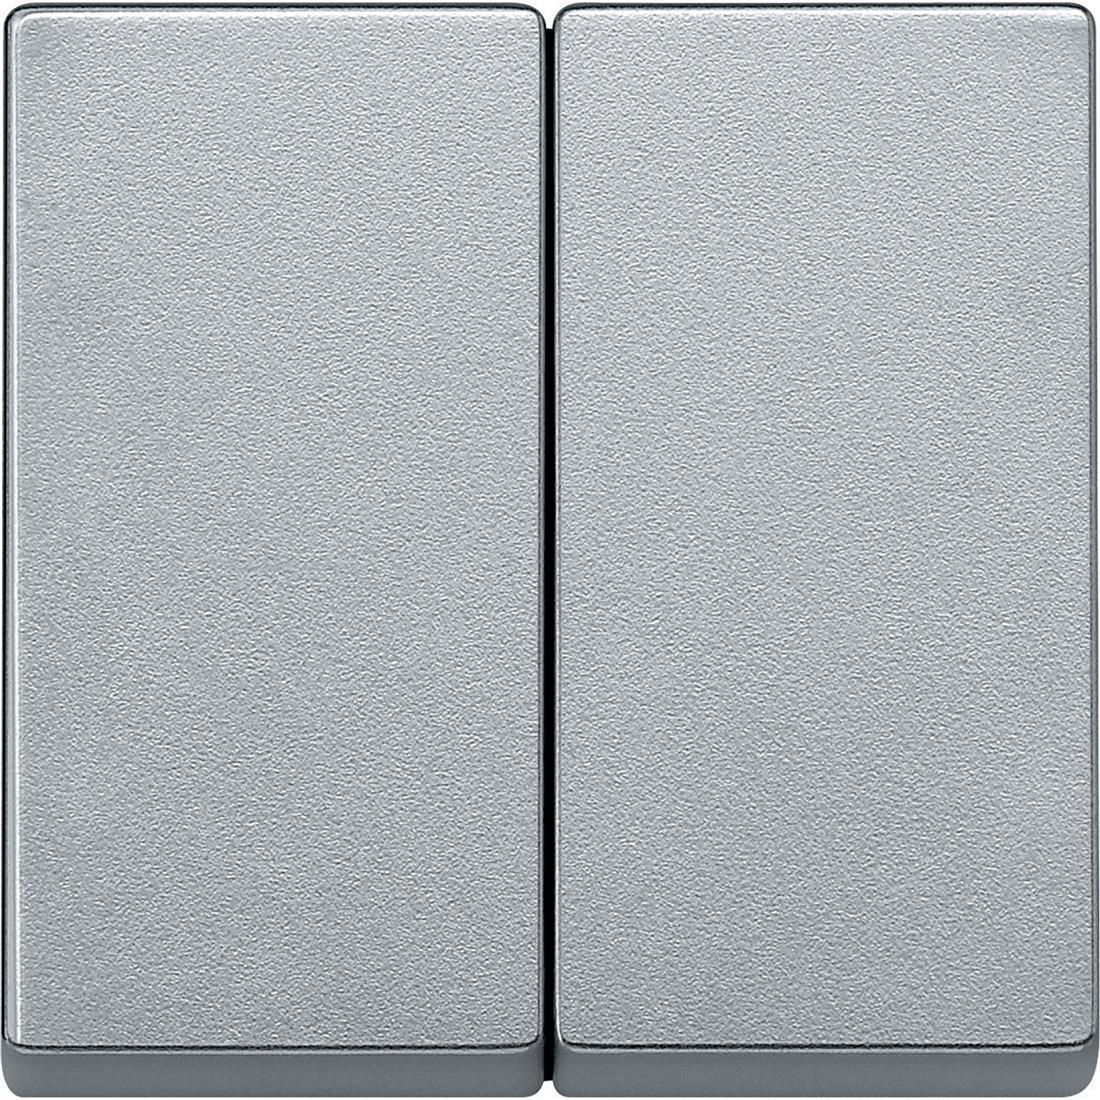 Schneider-Merten systeem M wip voor serieschakelaar - aluminium (MTN433560)